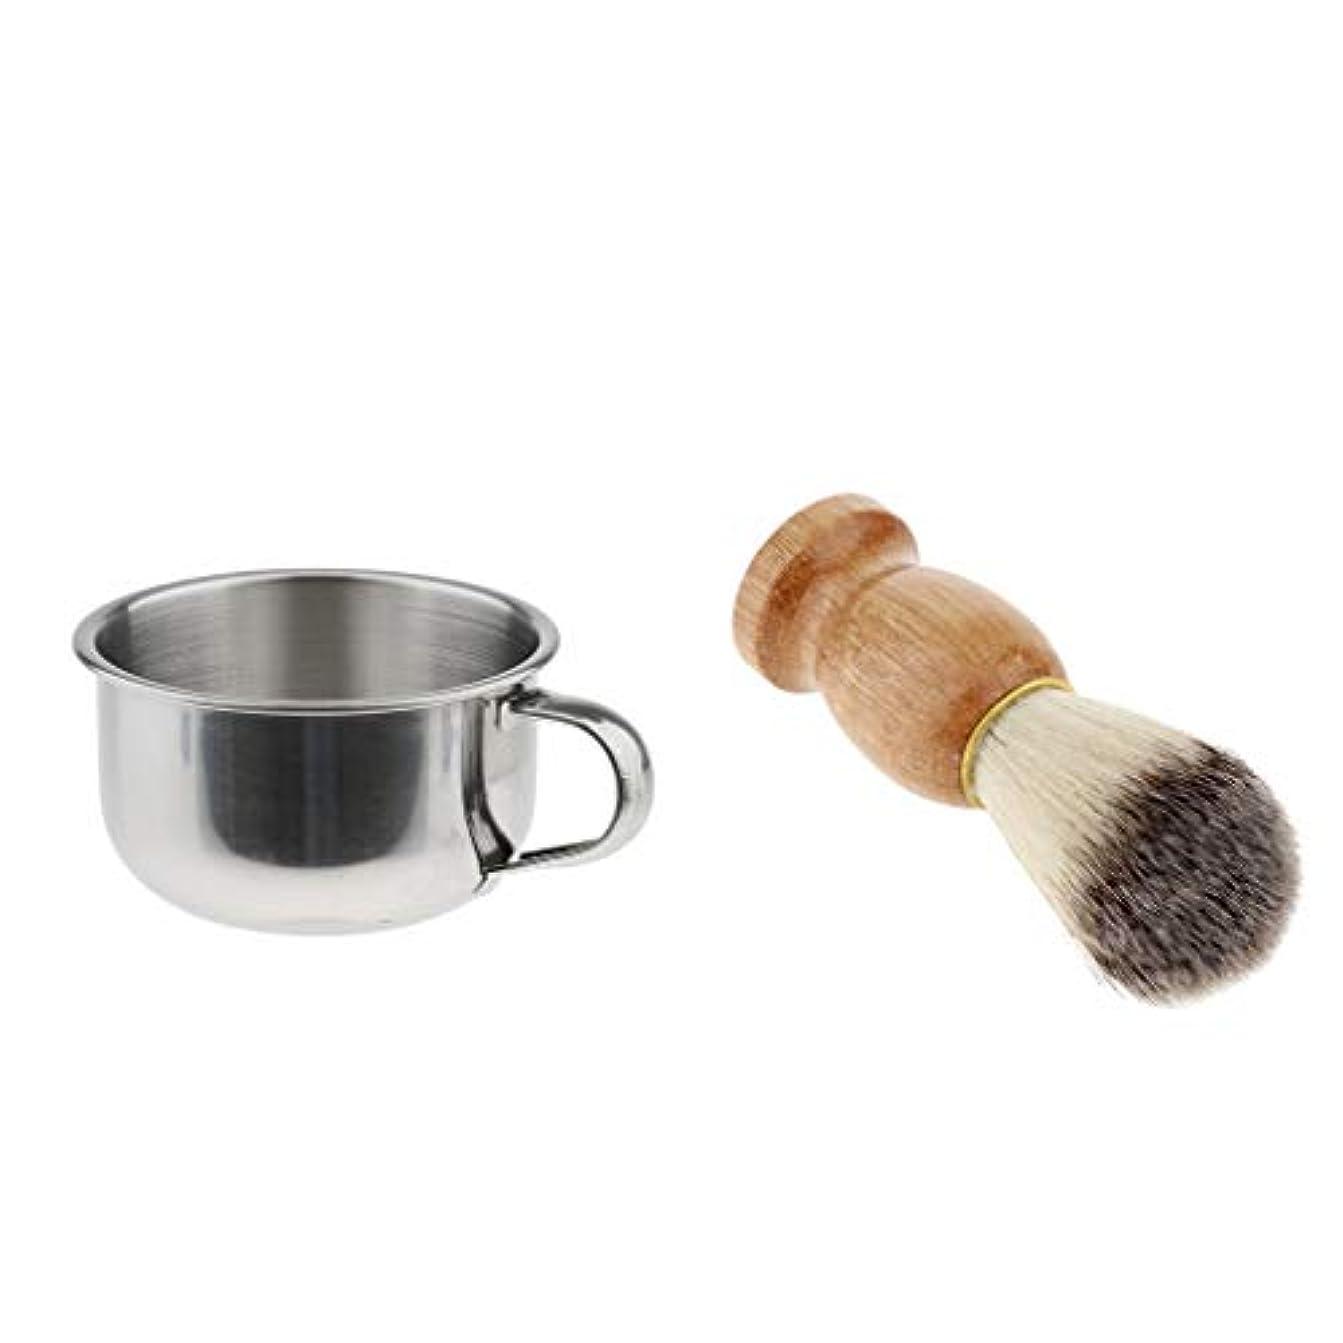 良心つづり吹きさらしdailymall メンズシェービングブラシ+マグボウルセット、美容院の理髪ひげ石鹸カップ、パーソナルケア